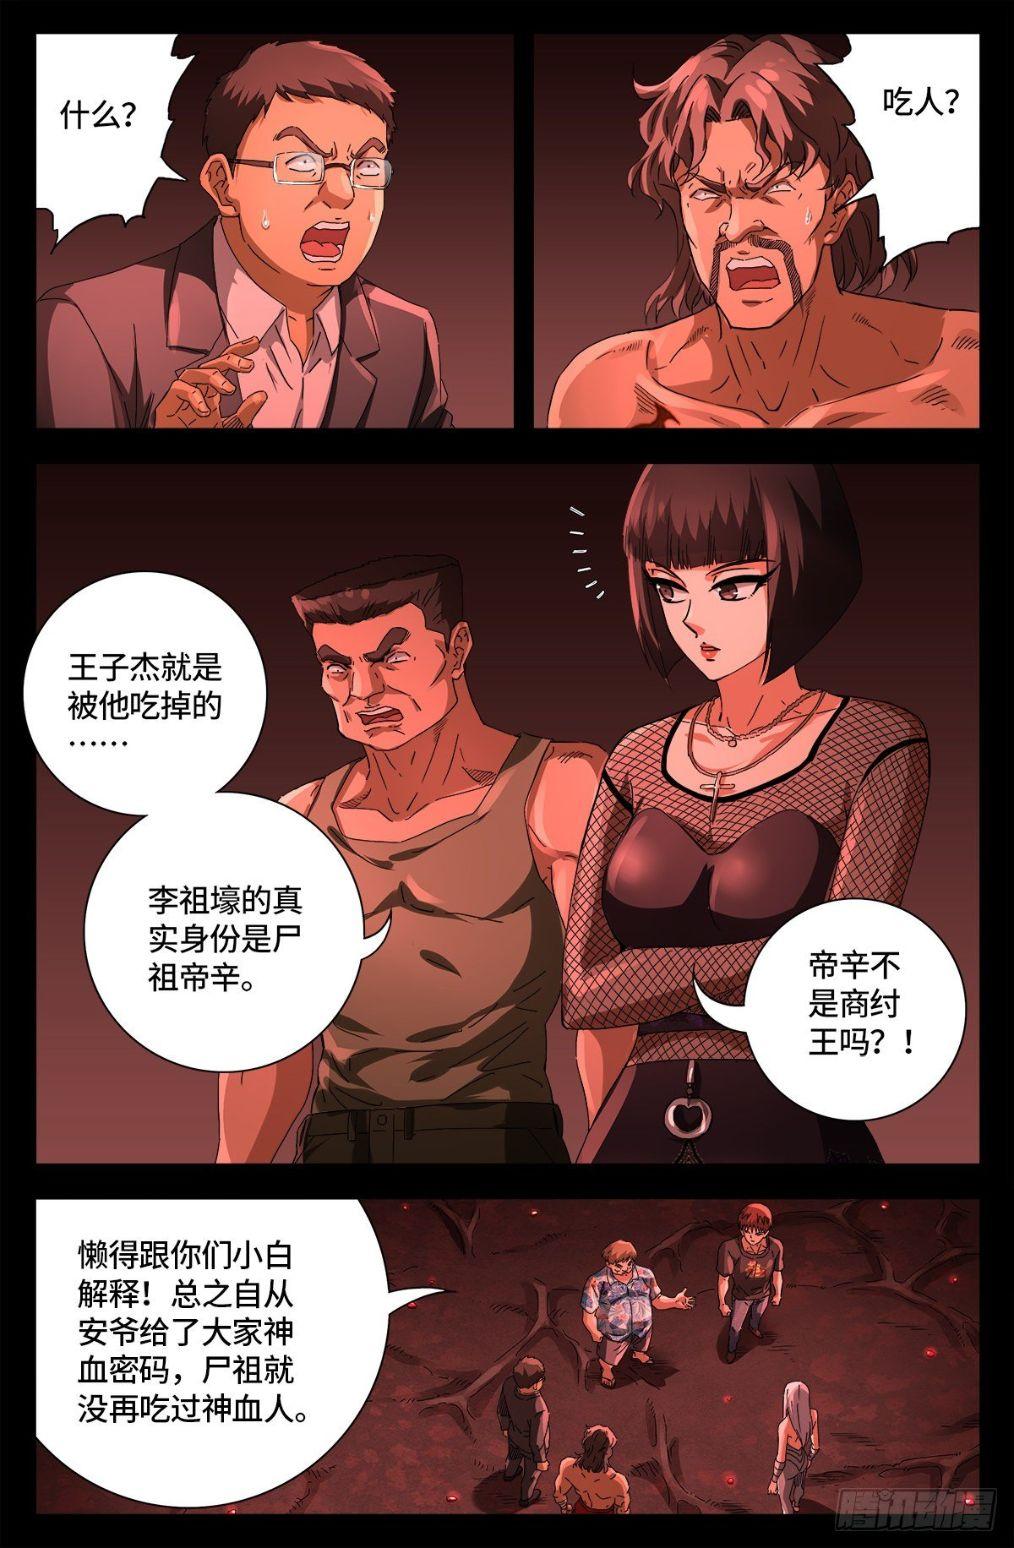 僵尸王漫画:戒魔人 第668话 霸尼的陷阱